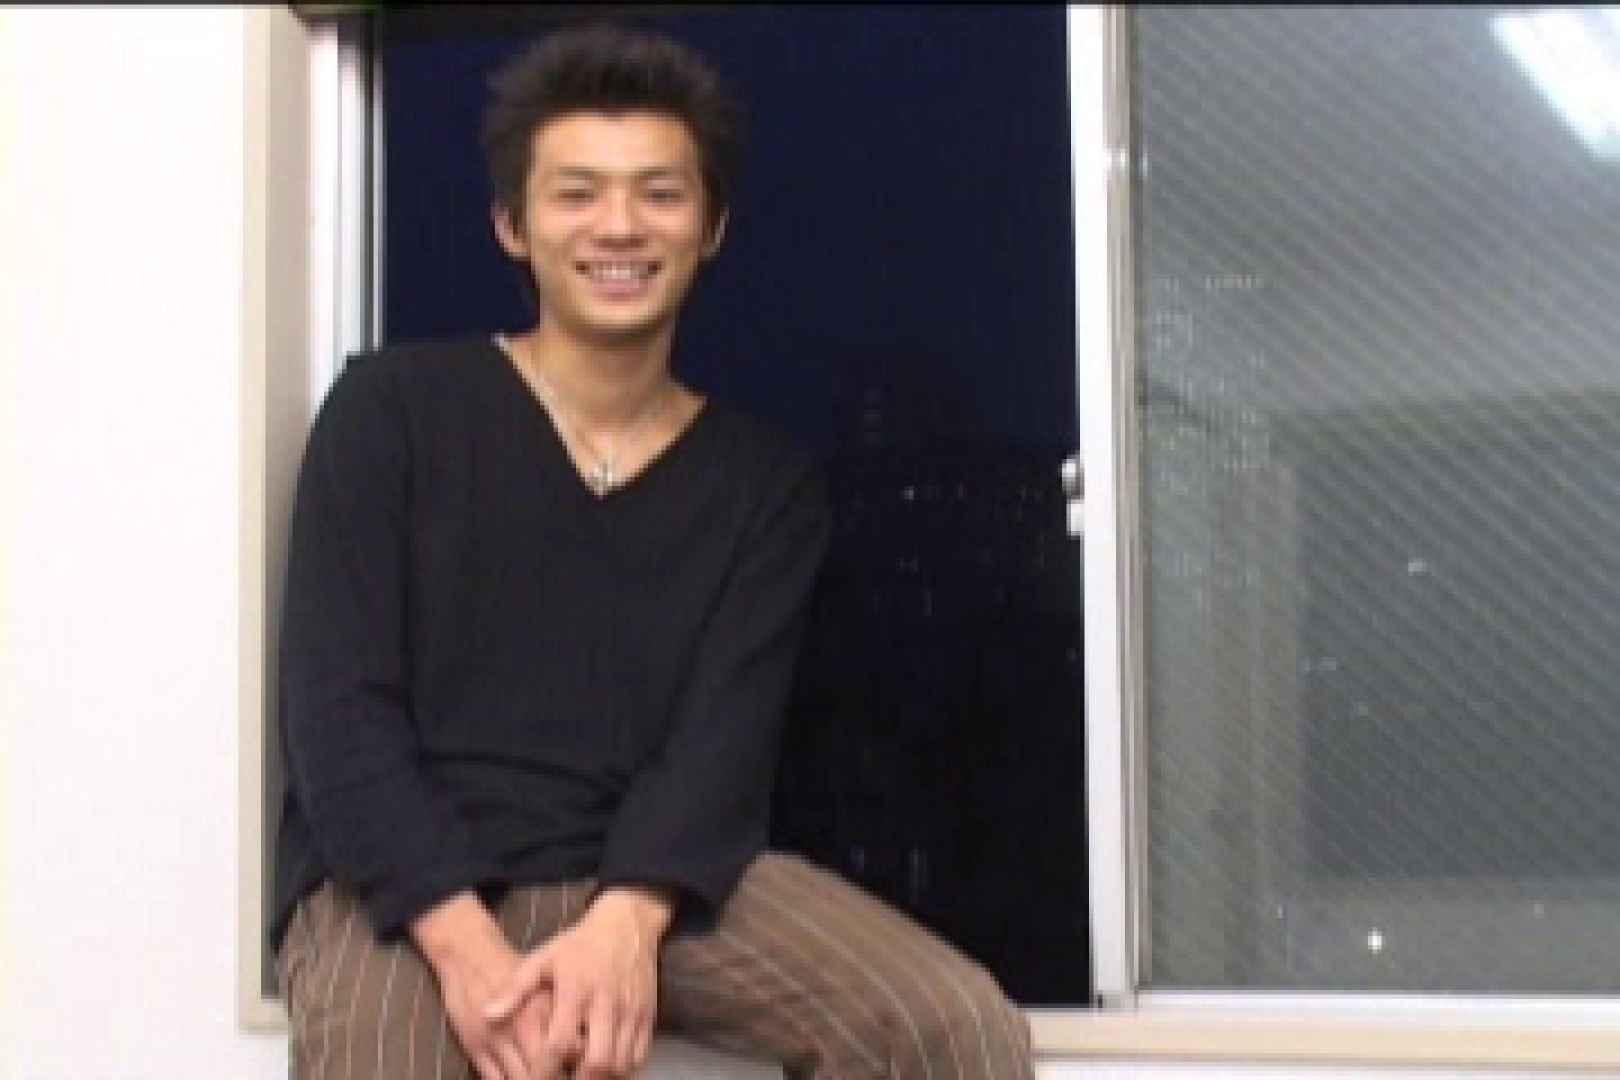 ノンケ君?まさかの初体験!!大学生のPVFile.first day 男の世界 ゲイ無修正動画画像 81画像 30